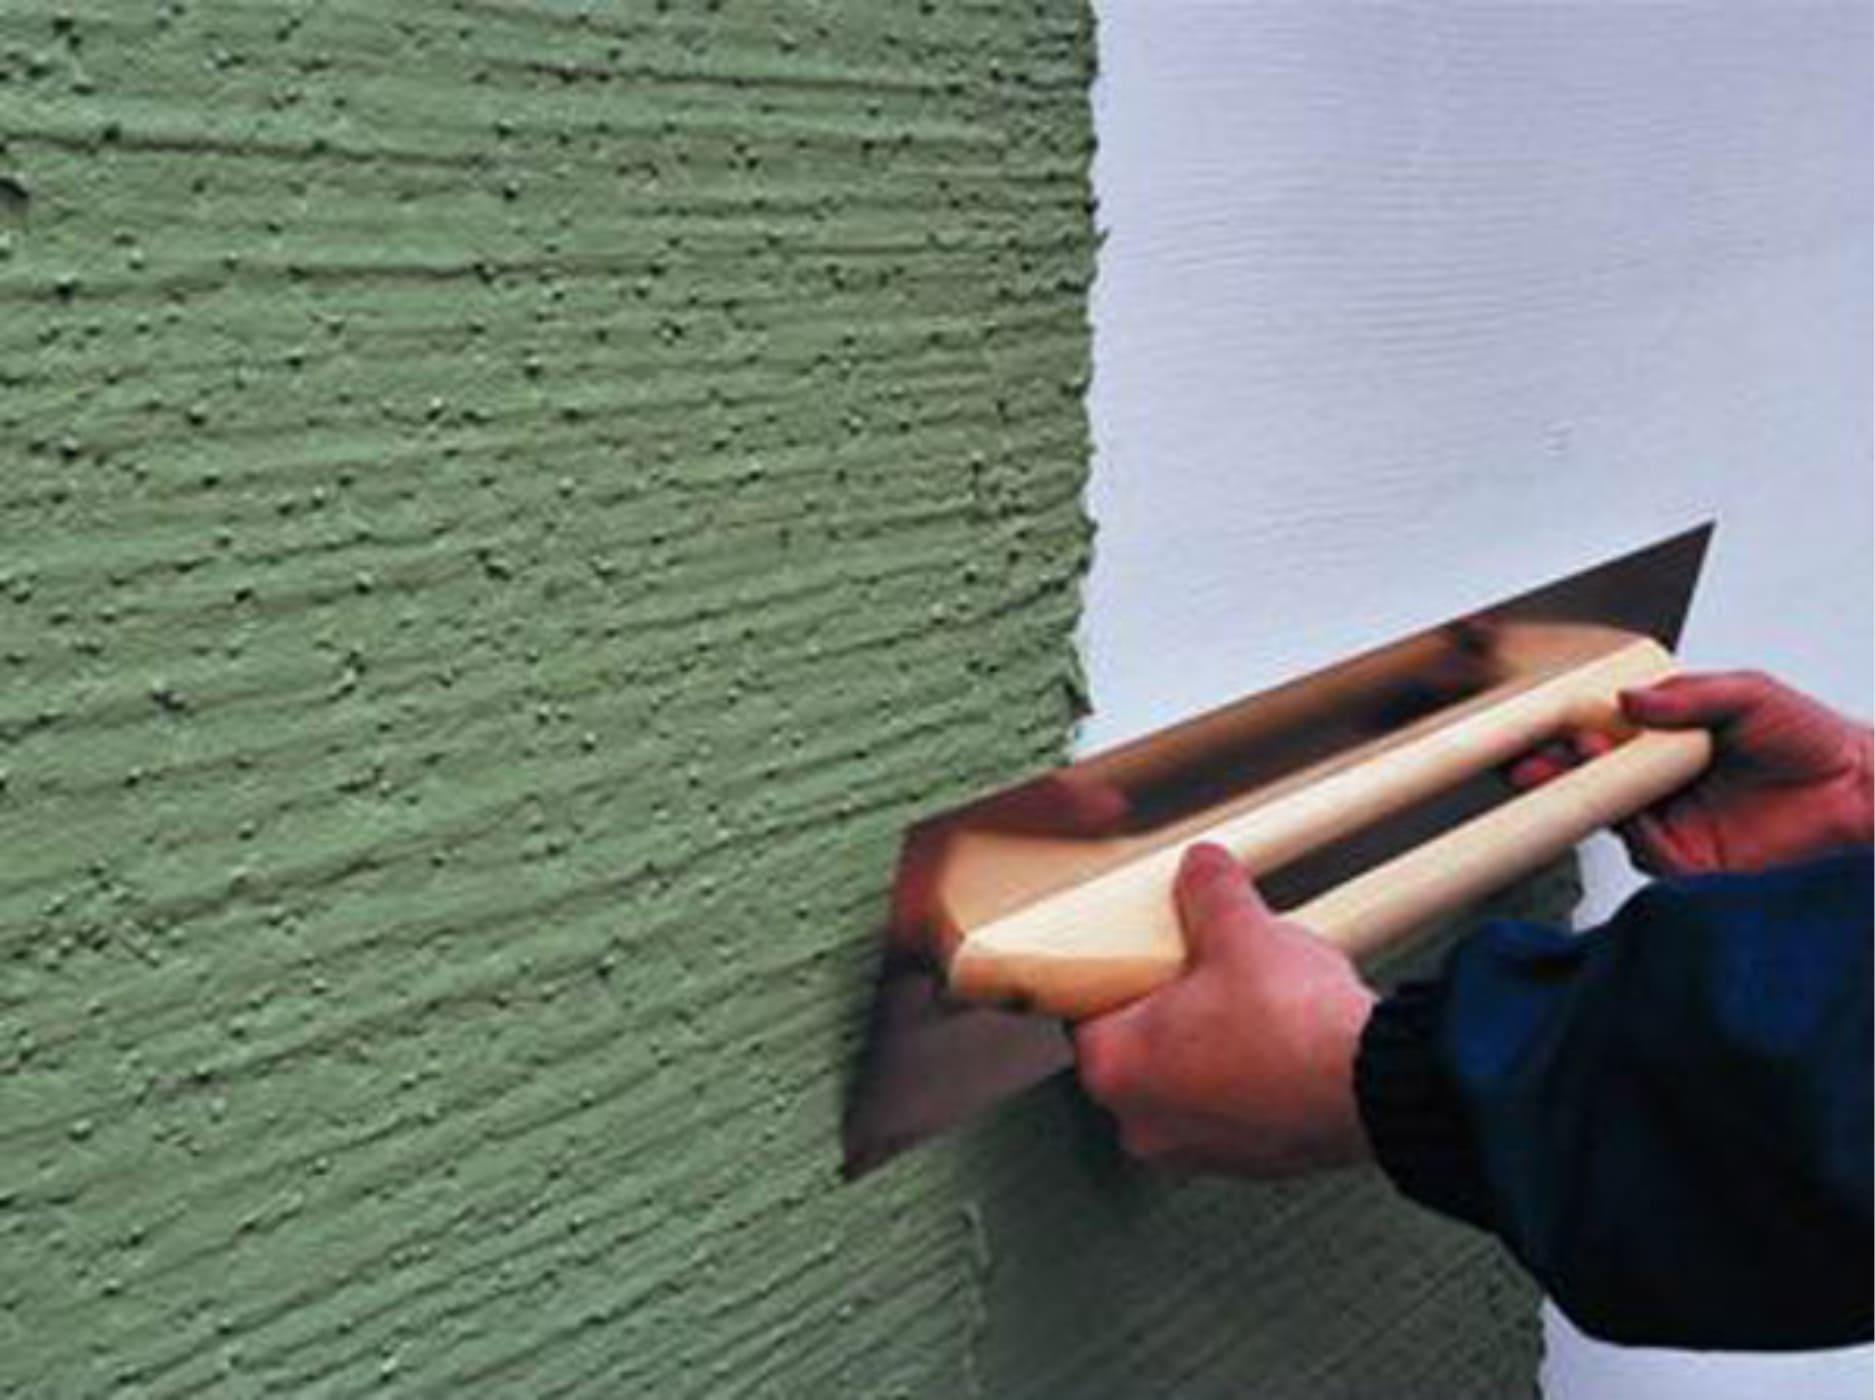 Декоративная штукатурка - лучшие красивые варианты отделки стен в интерьере 148